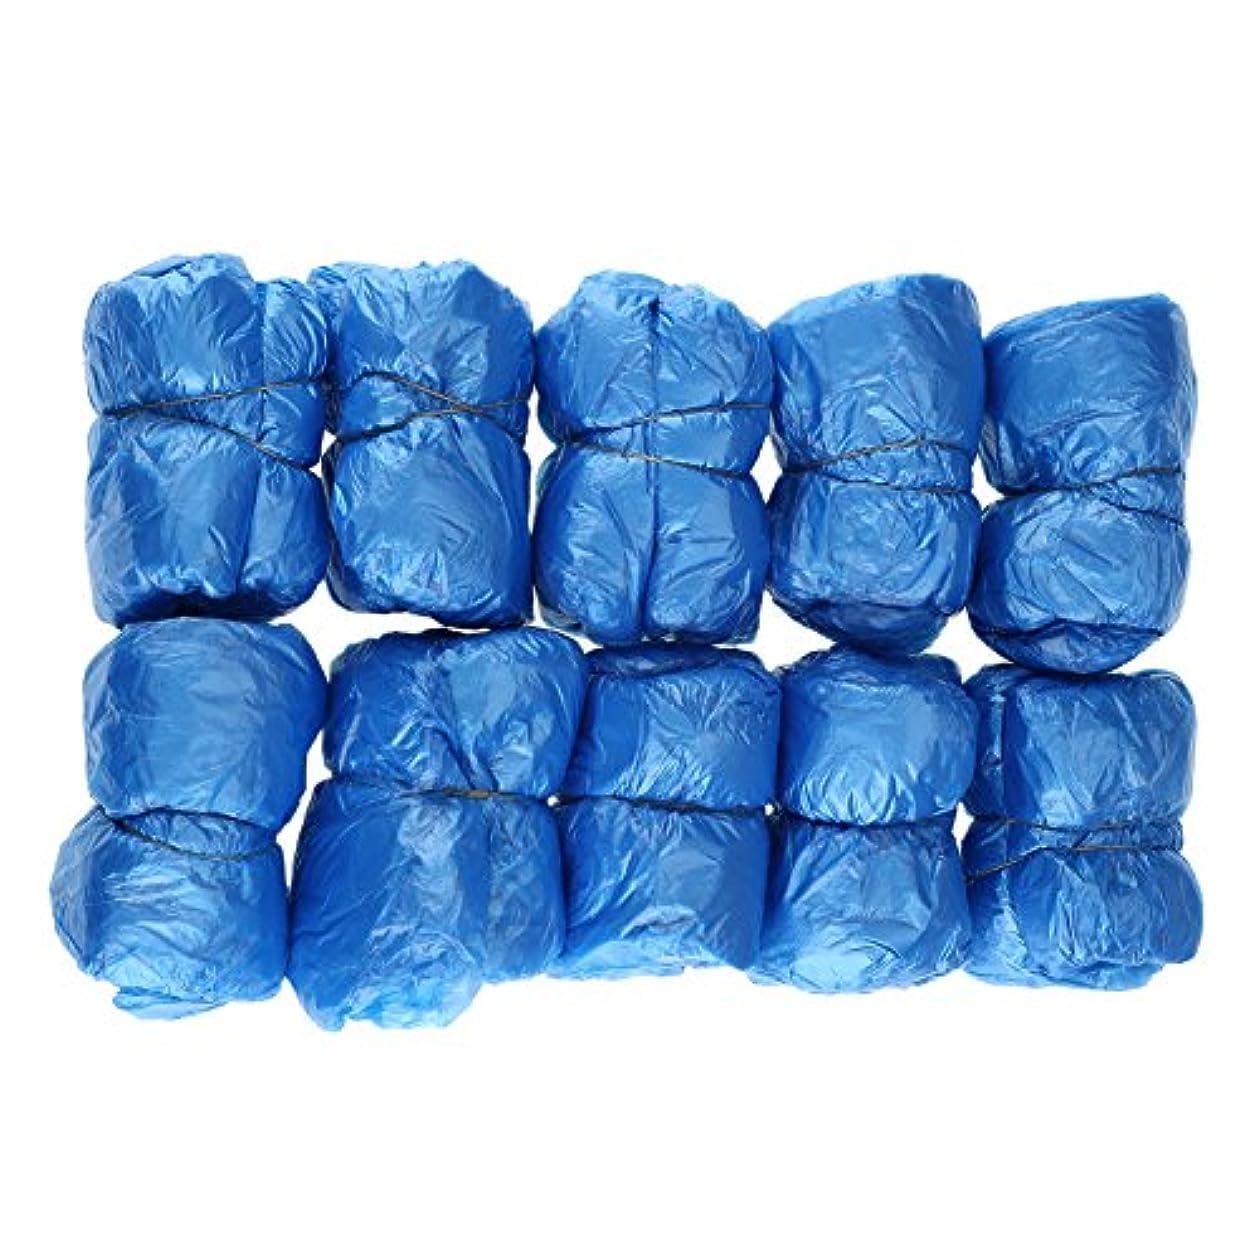 言及する訪問自慢100枚入 使い捨て靴カバー シューズカバー 靴カバー サイズフリー簡単 便利 衛生 家庭用品 ブルー